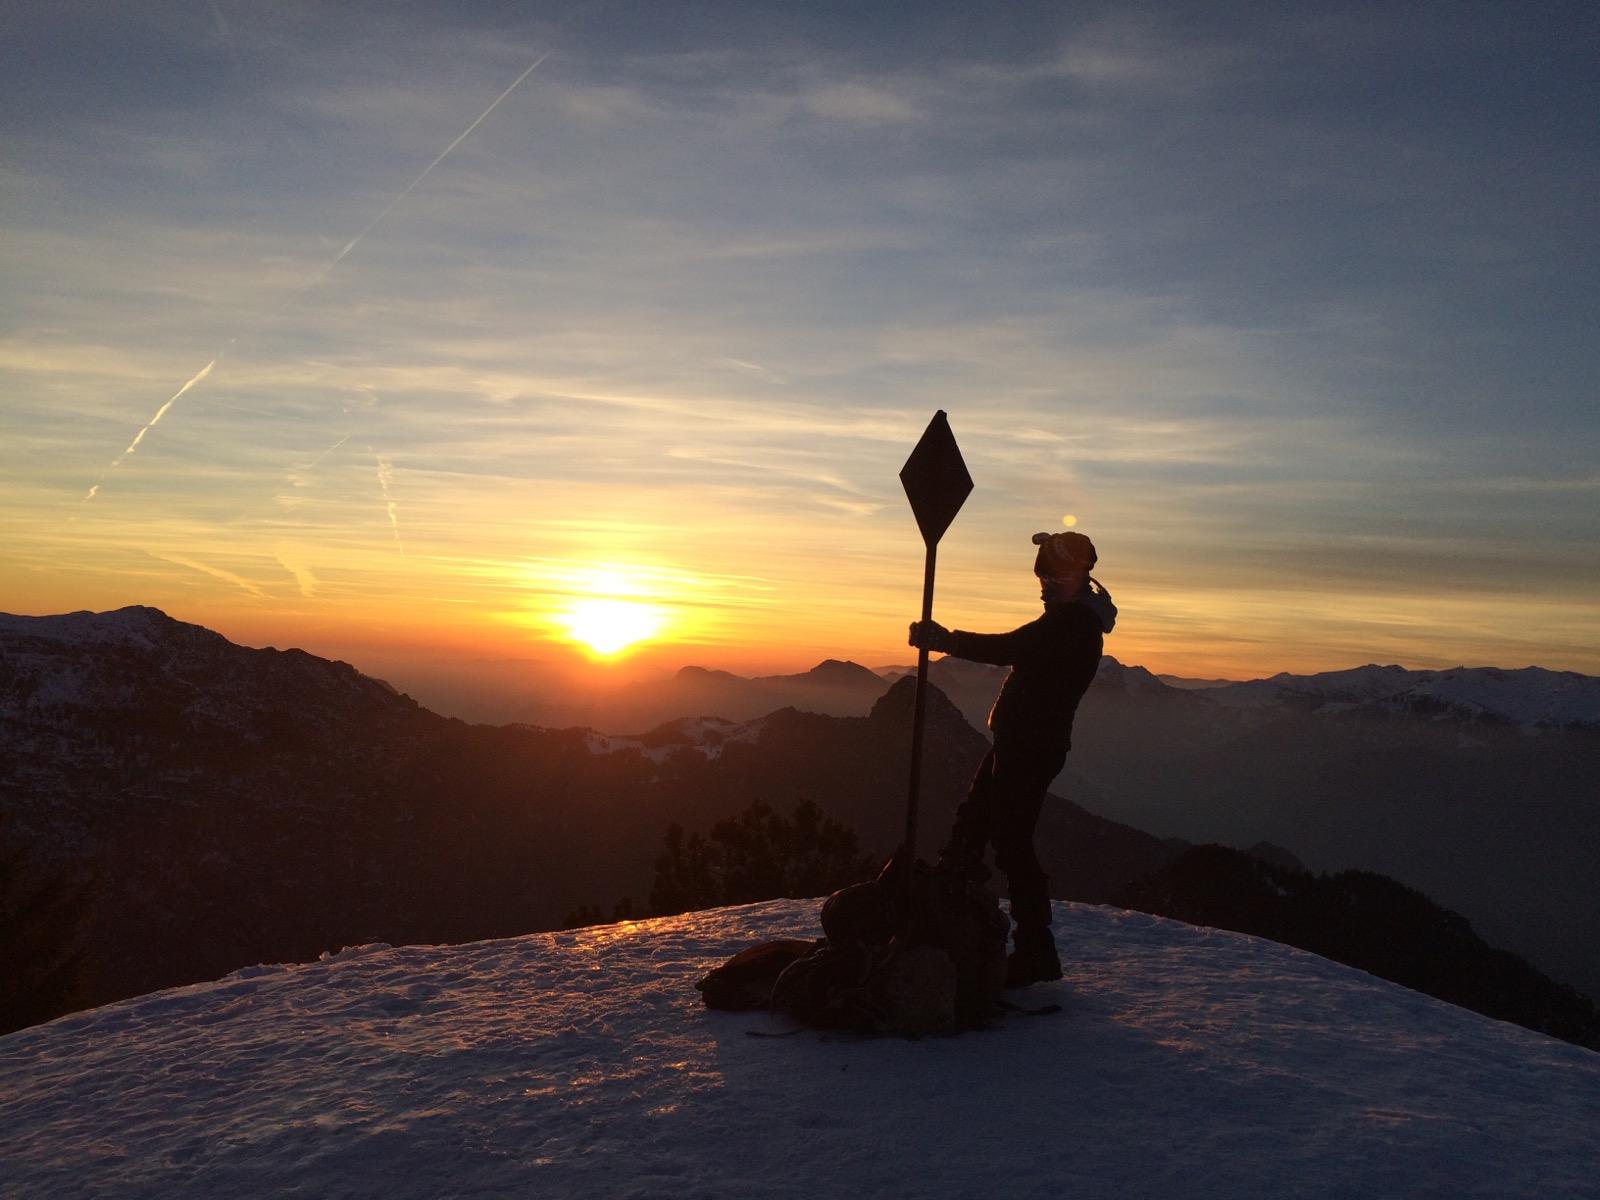 Ledro Valley - Mezzolago - Mountain